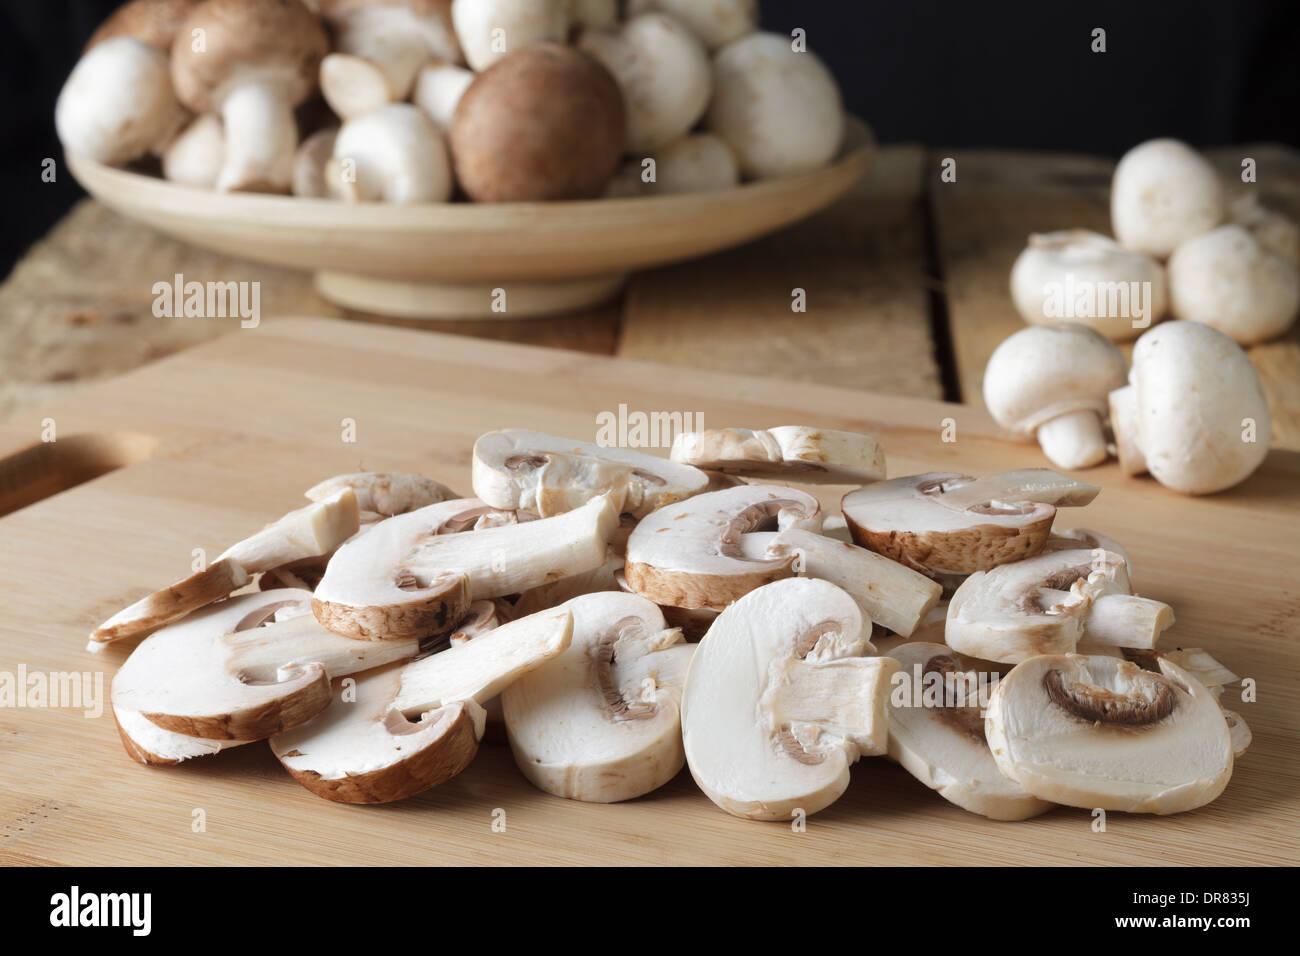 Marrón y blanco de setas Imagen De Stock